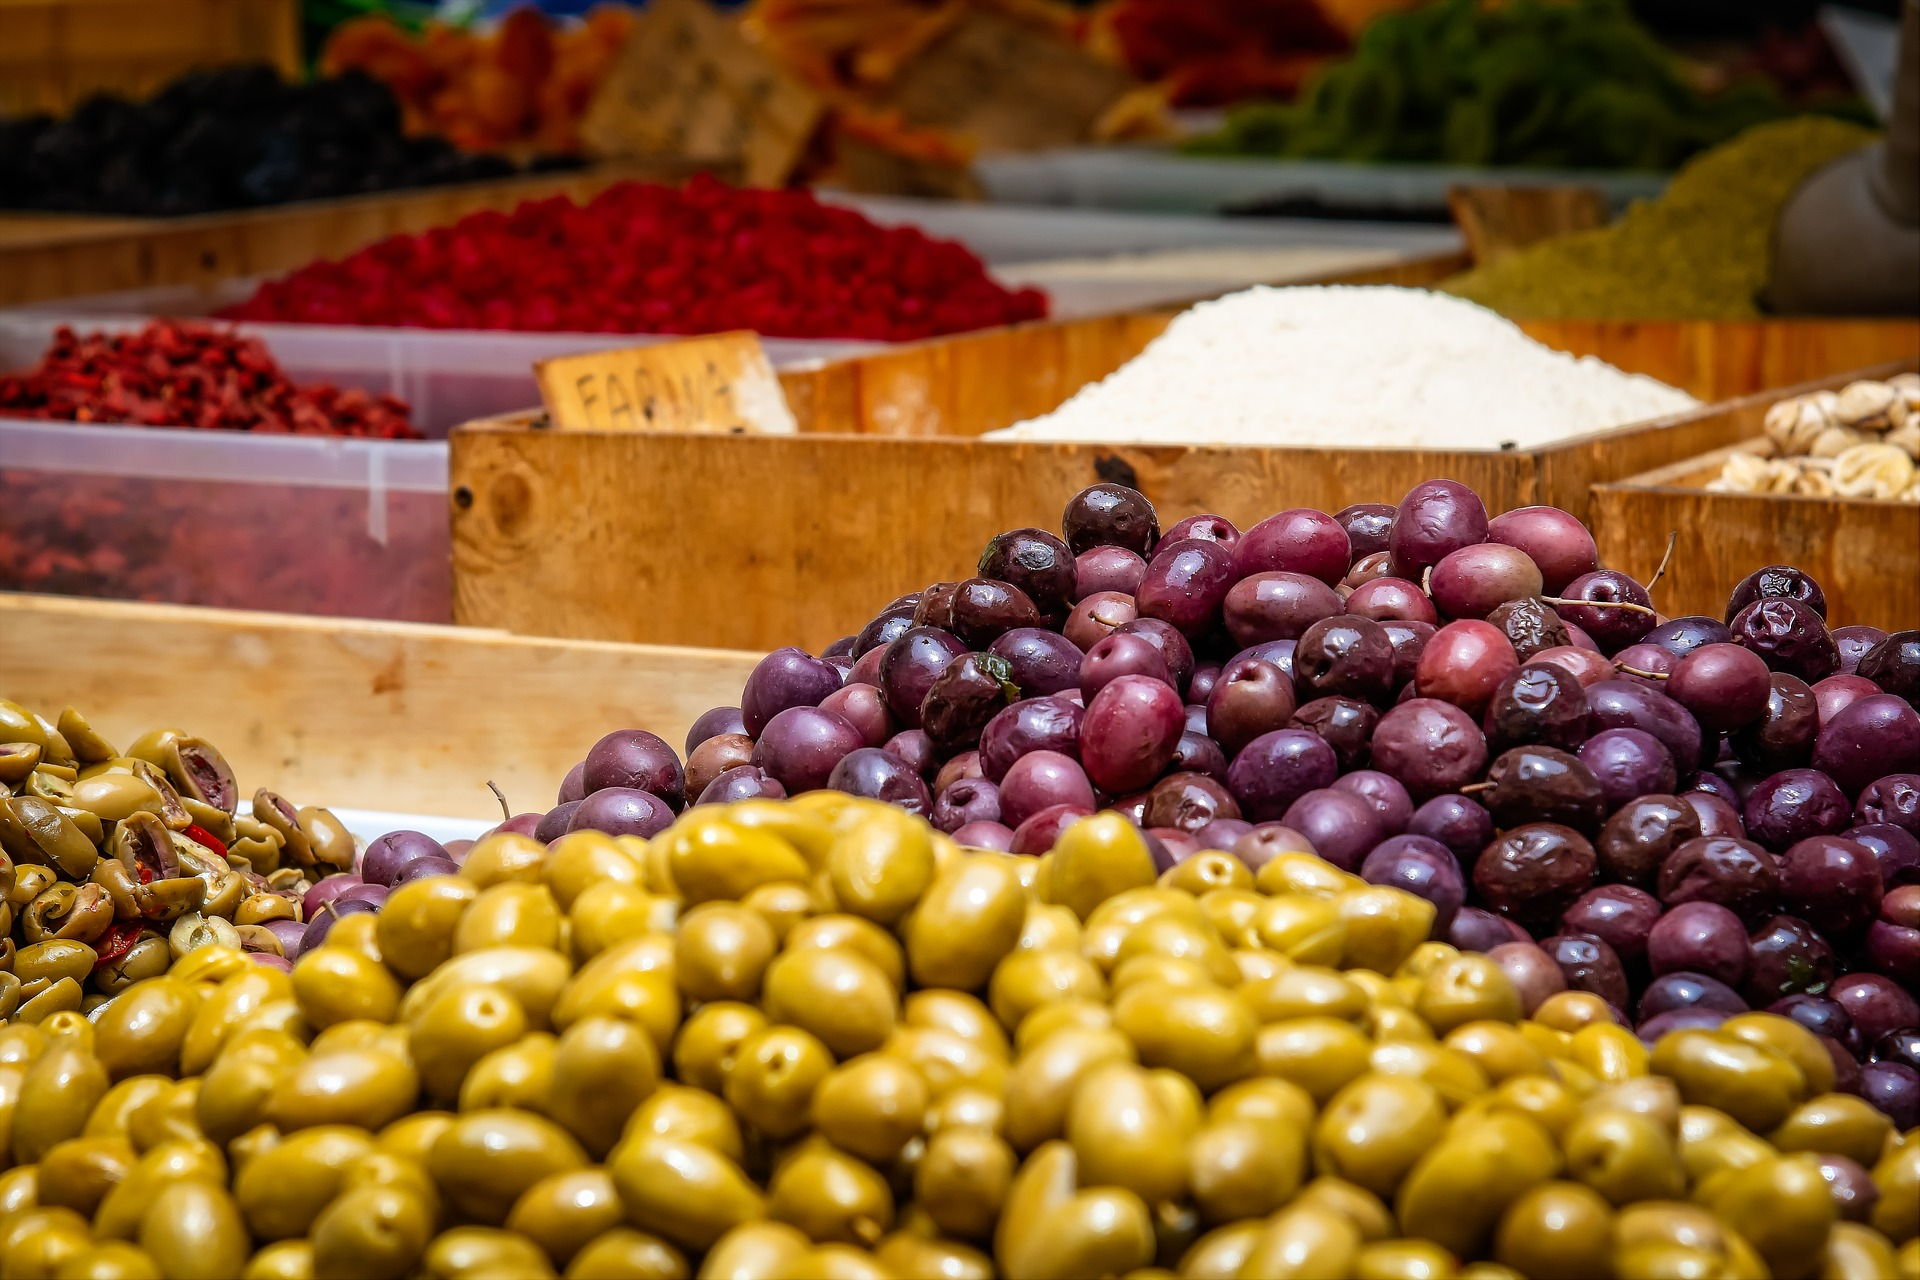 Mercati settimanali, in Puglia si riparte  da domani 18 maggio!